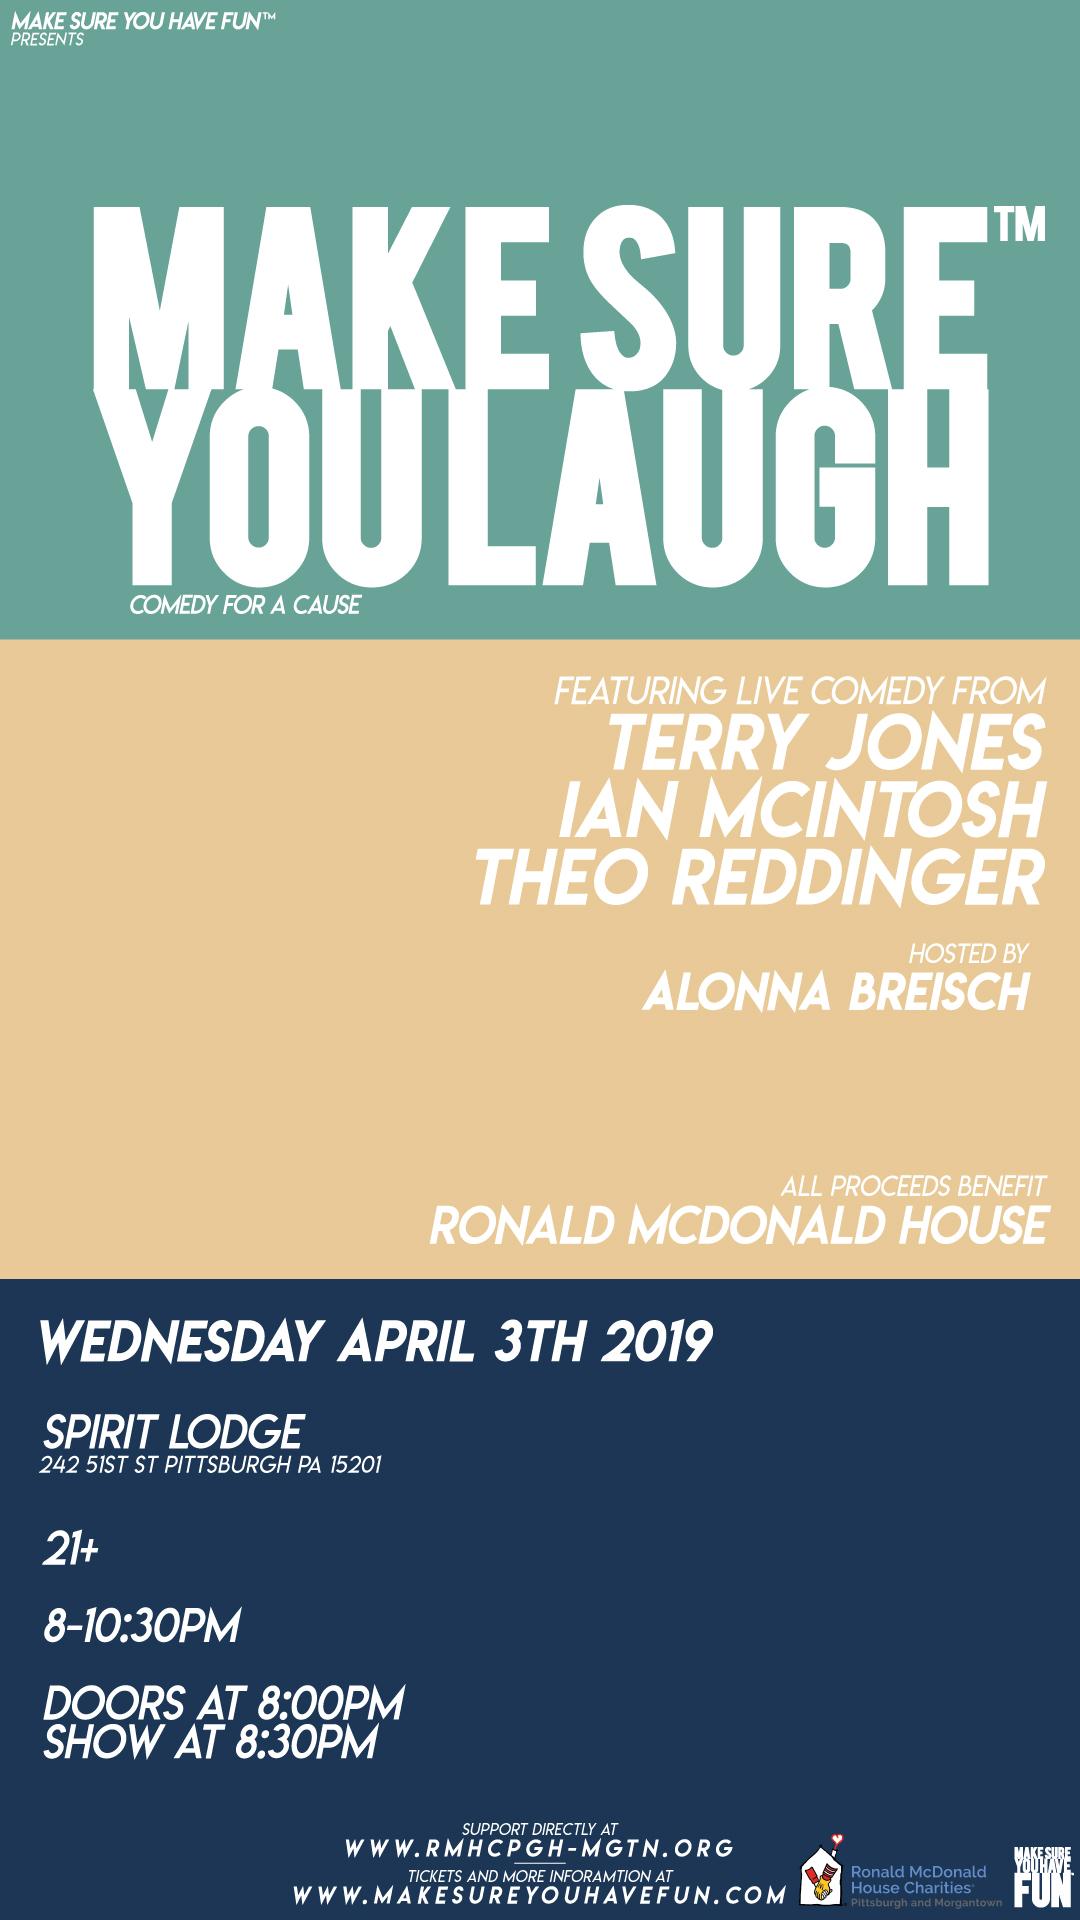 Make-Sure-You-Laugh-April-2019-IG-Story-Flyer.jpg